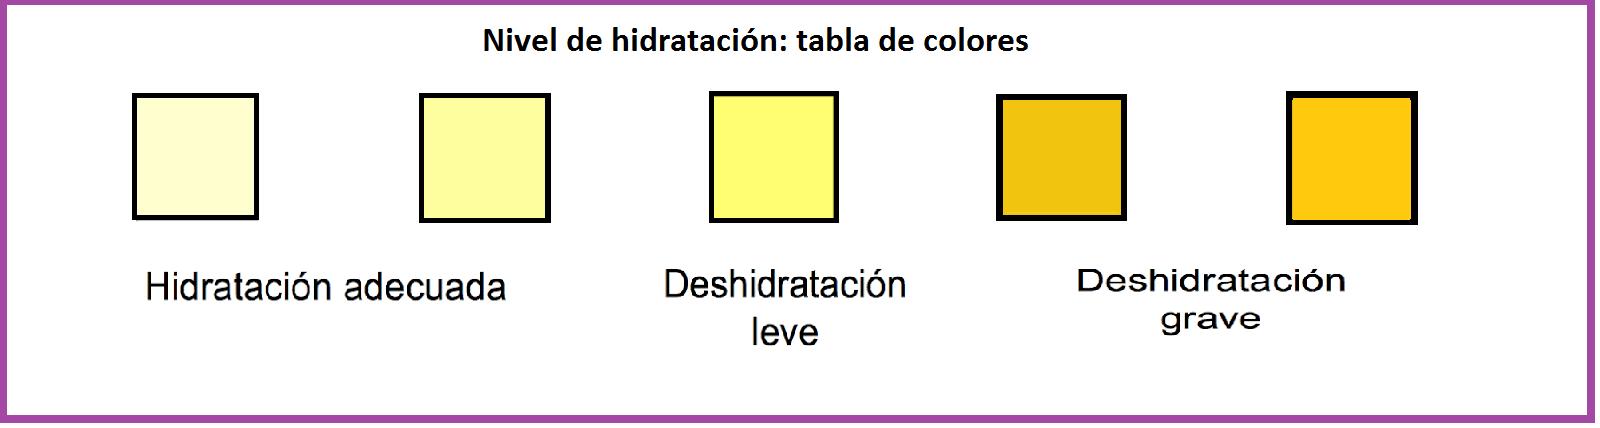 Color de orina según deshidratación